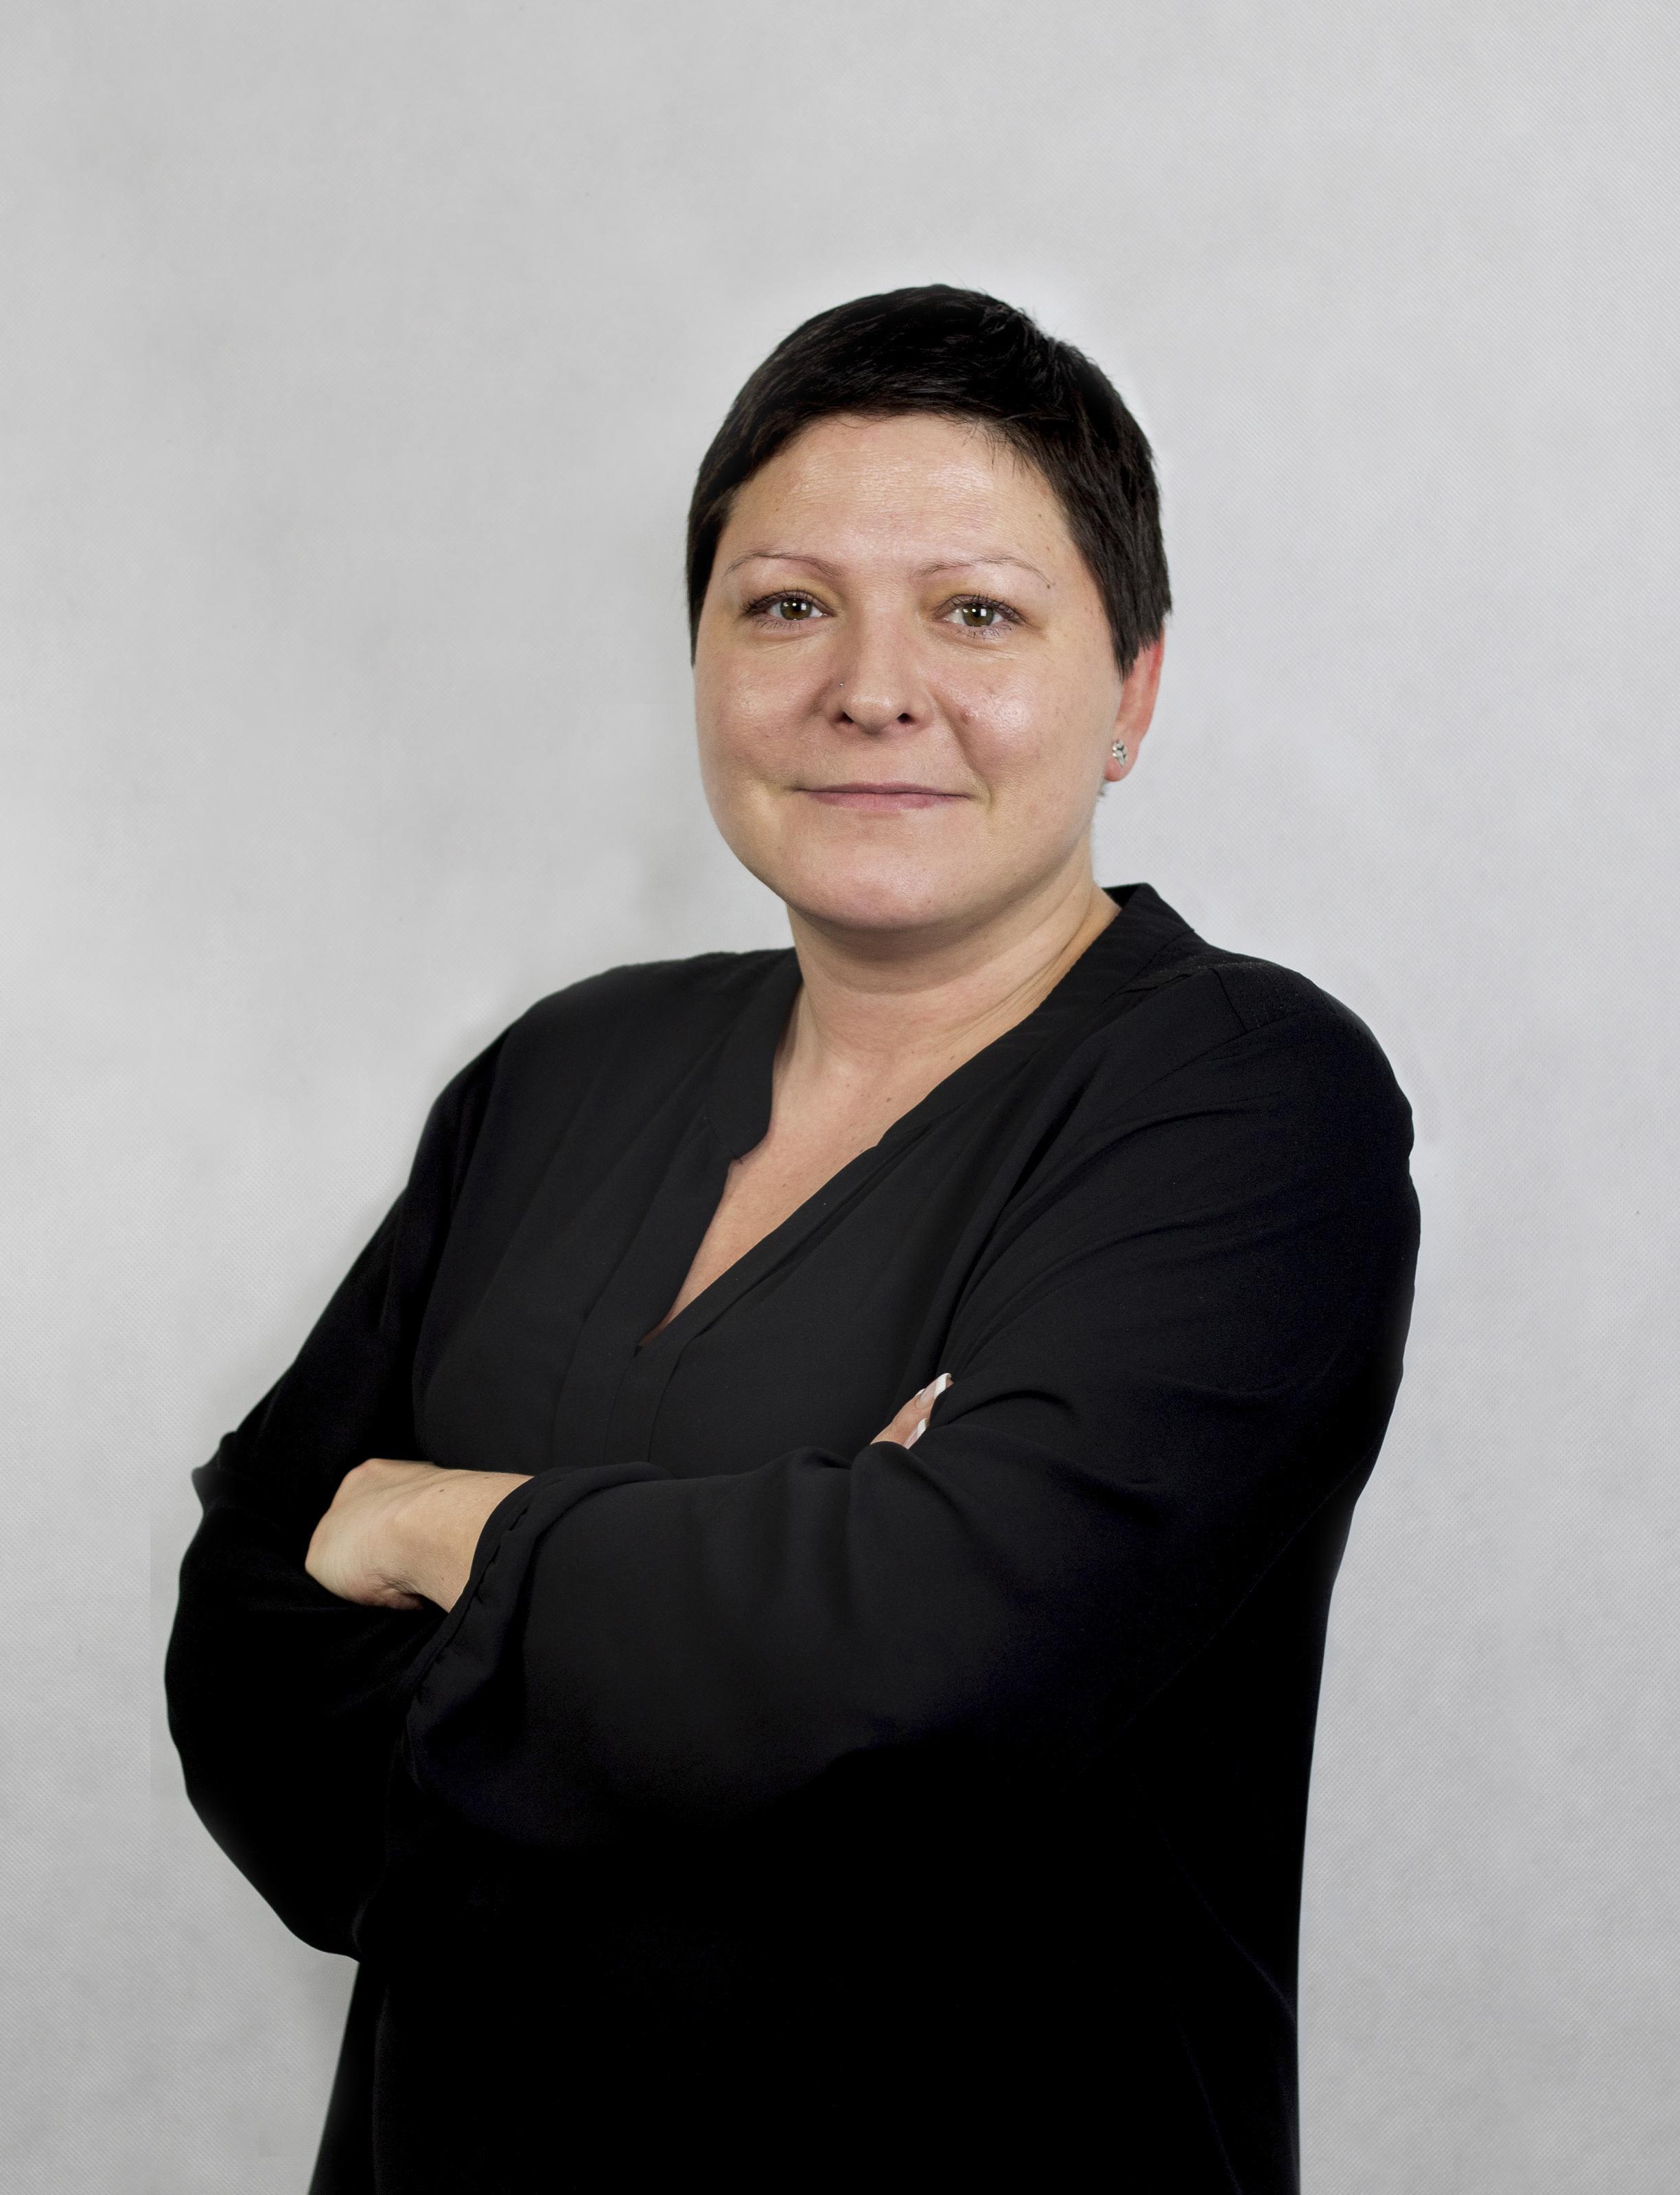 Marta Morel